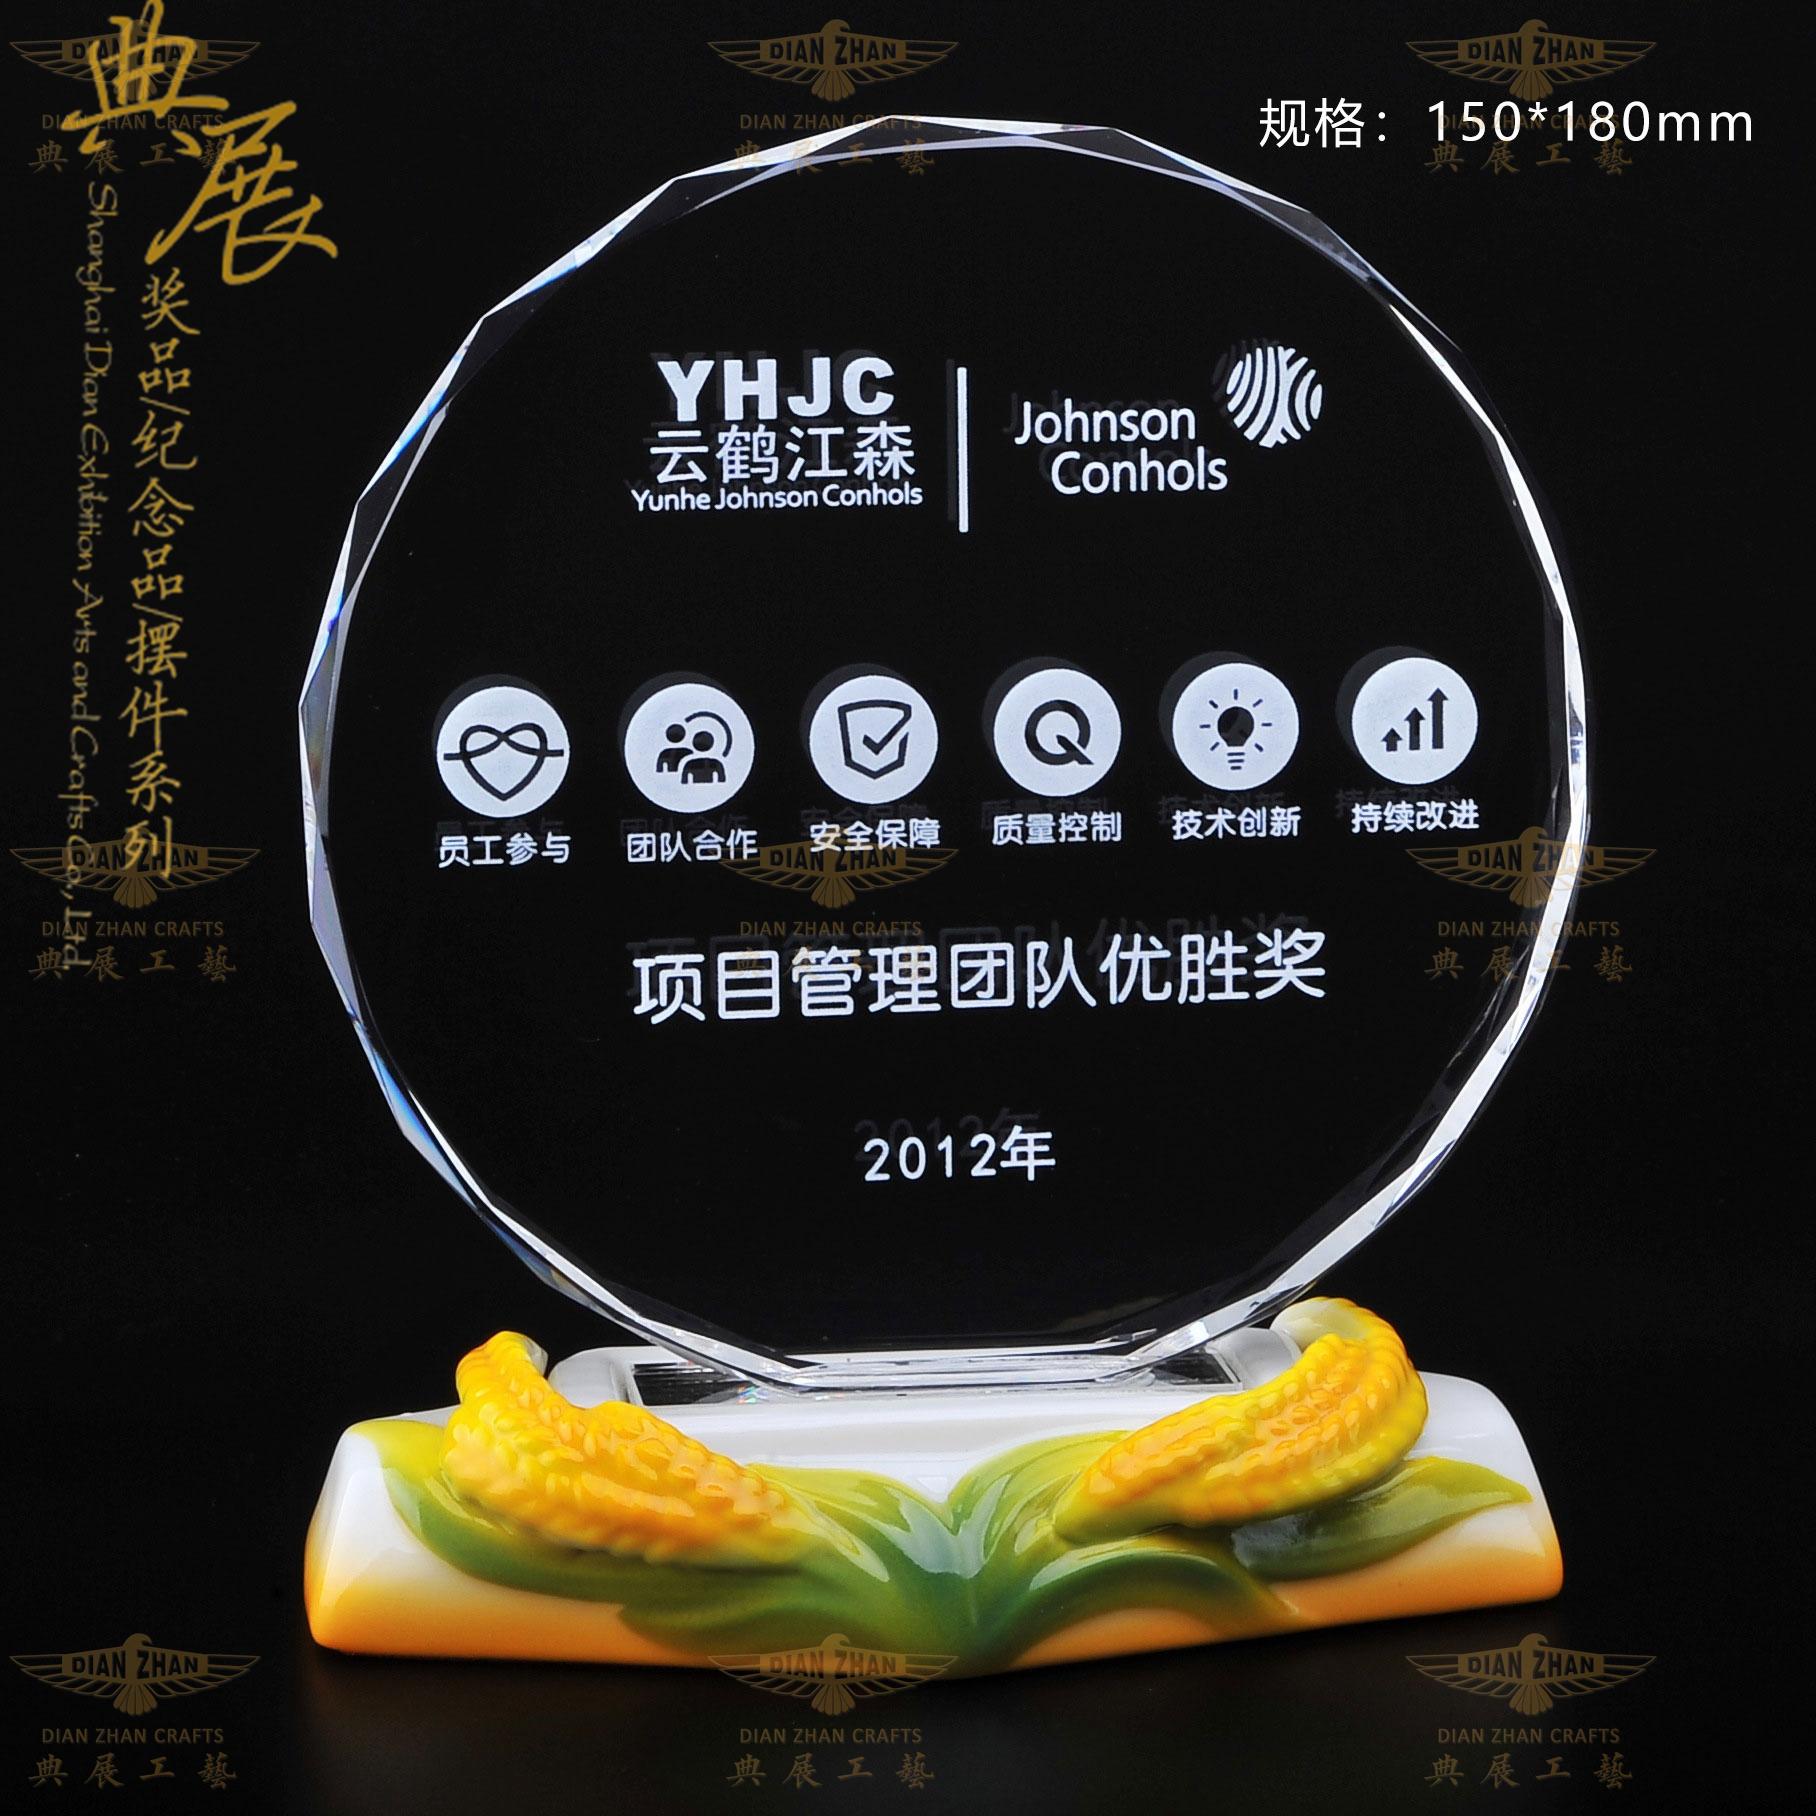 陶瓷创意授权牌,定做单位表彰奖牌,职工光荣退休礼品厂家